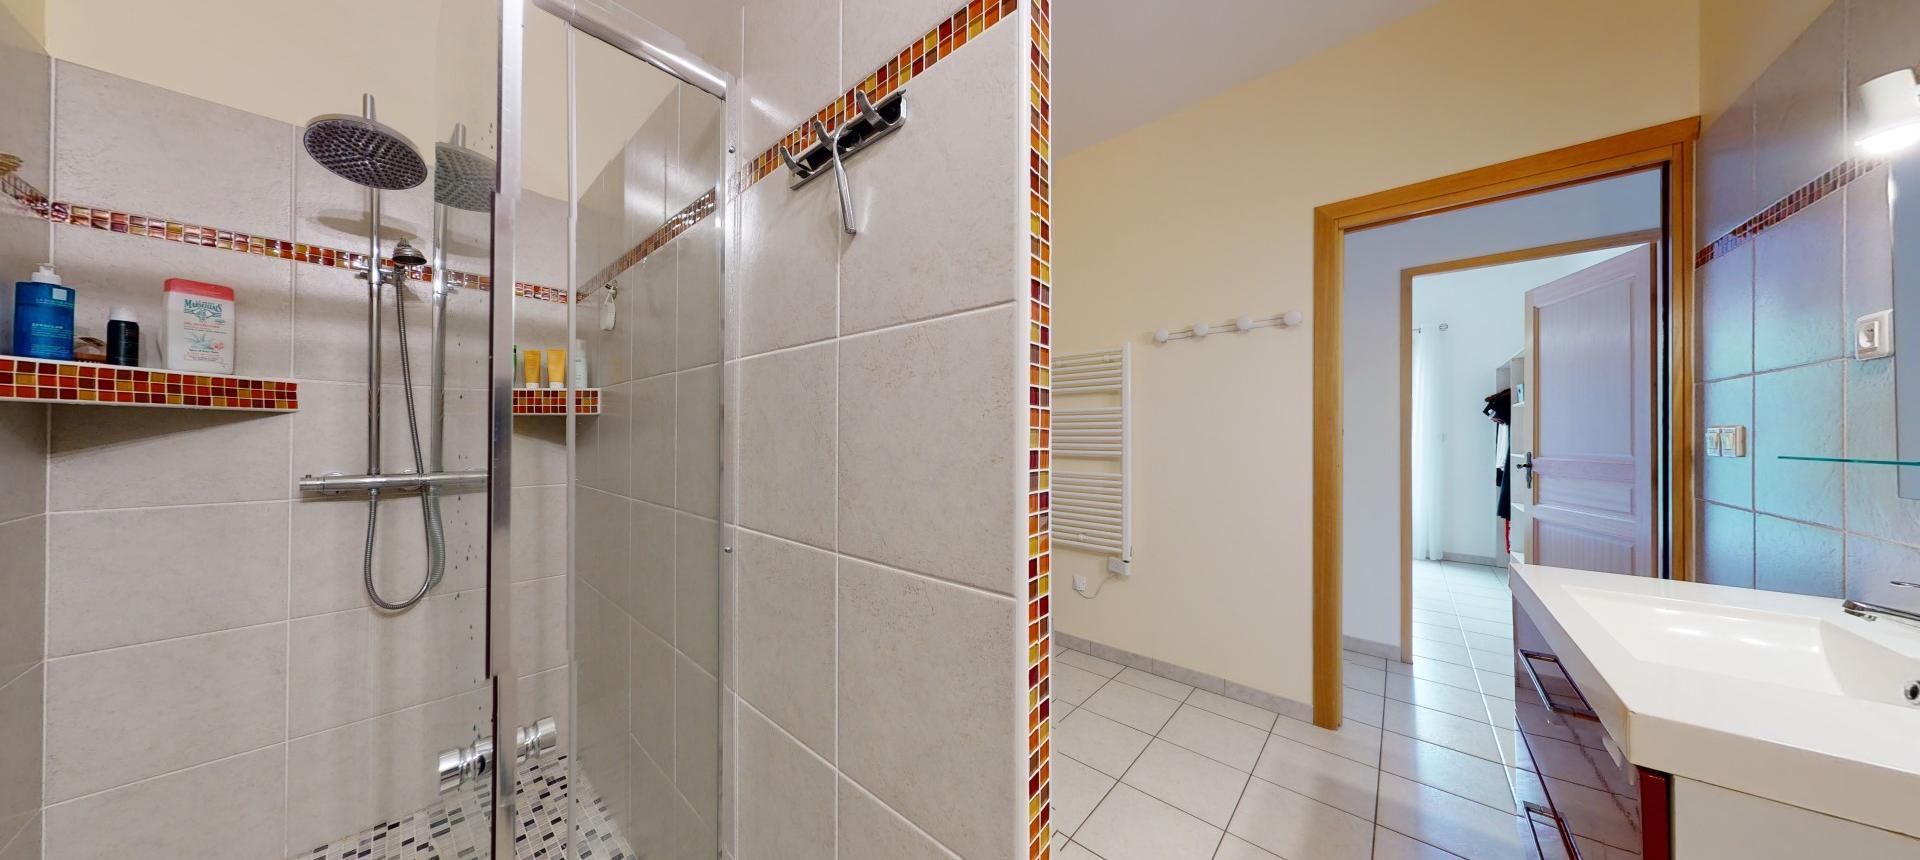 Villa à vendre proche Ajaccio - San Benedetto - Vue salle de bain - RDJ